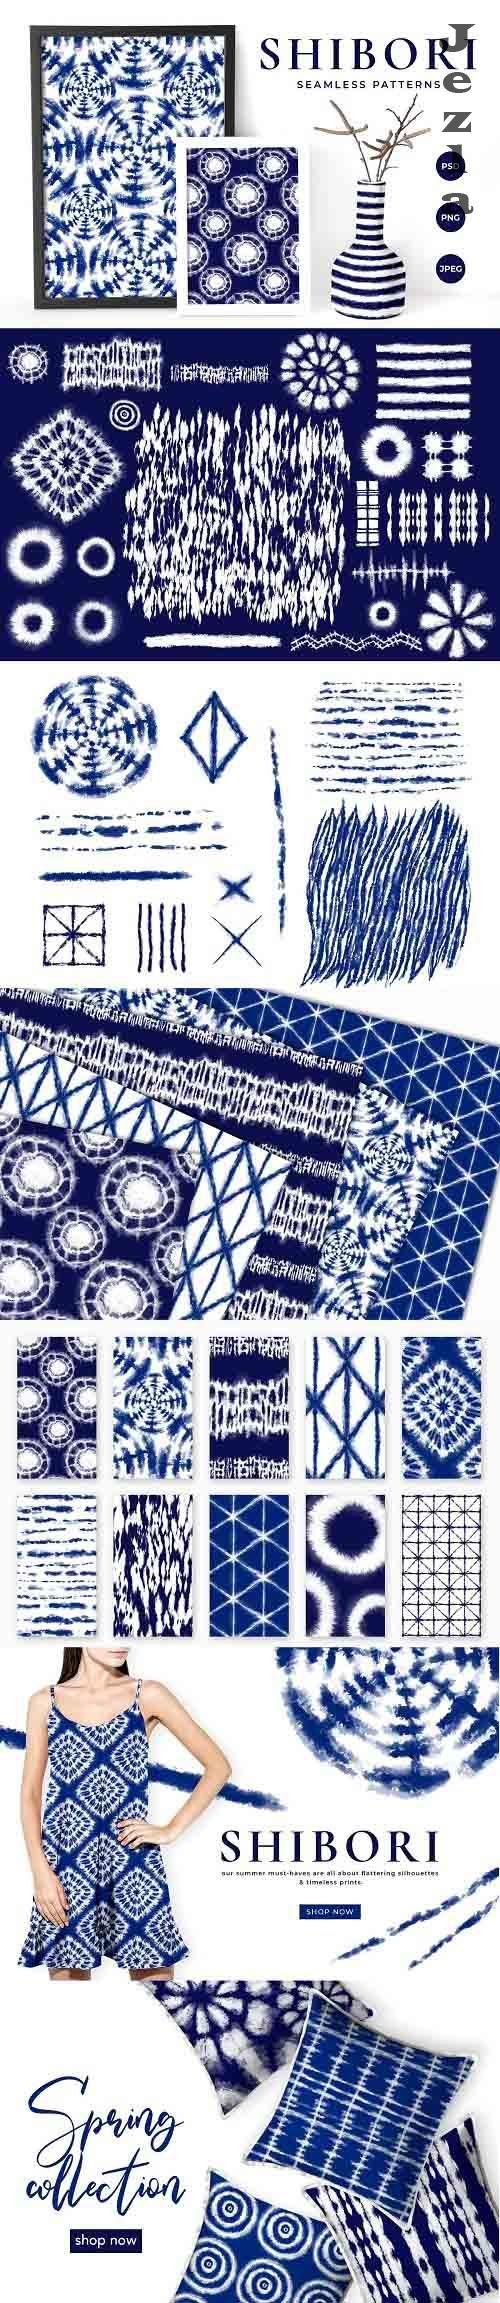 Shibori Tie Dye Seamless Patterns - 4899724